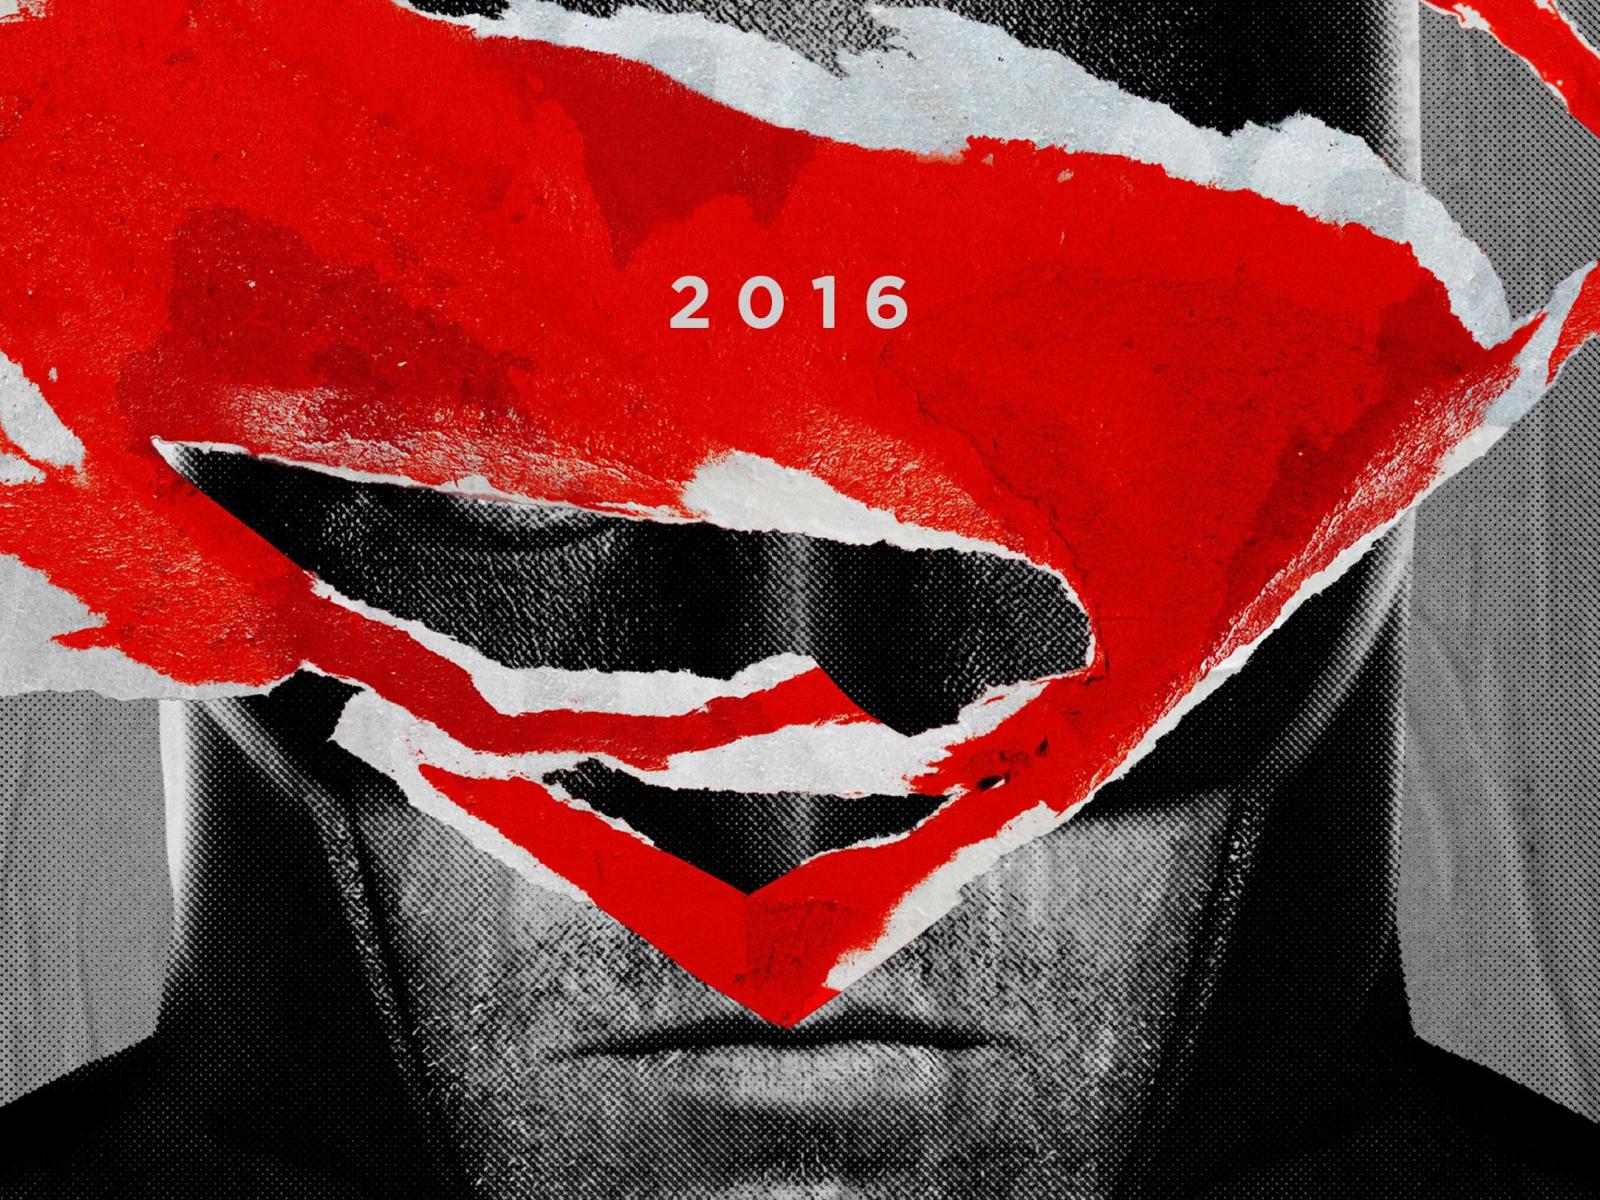 1600x1200 Batman Vs Superman Hd Wallpapers 1600x1200